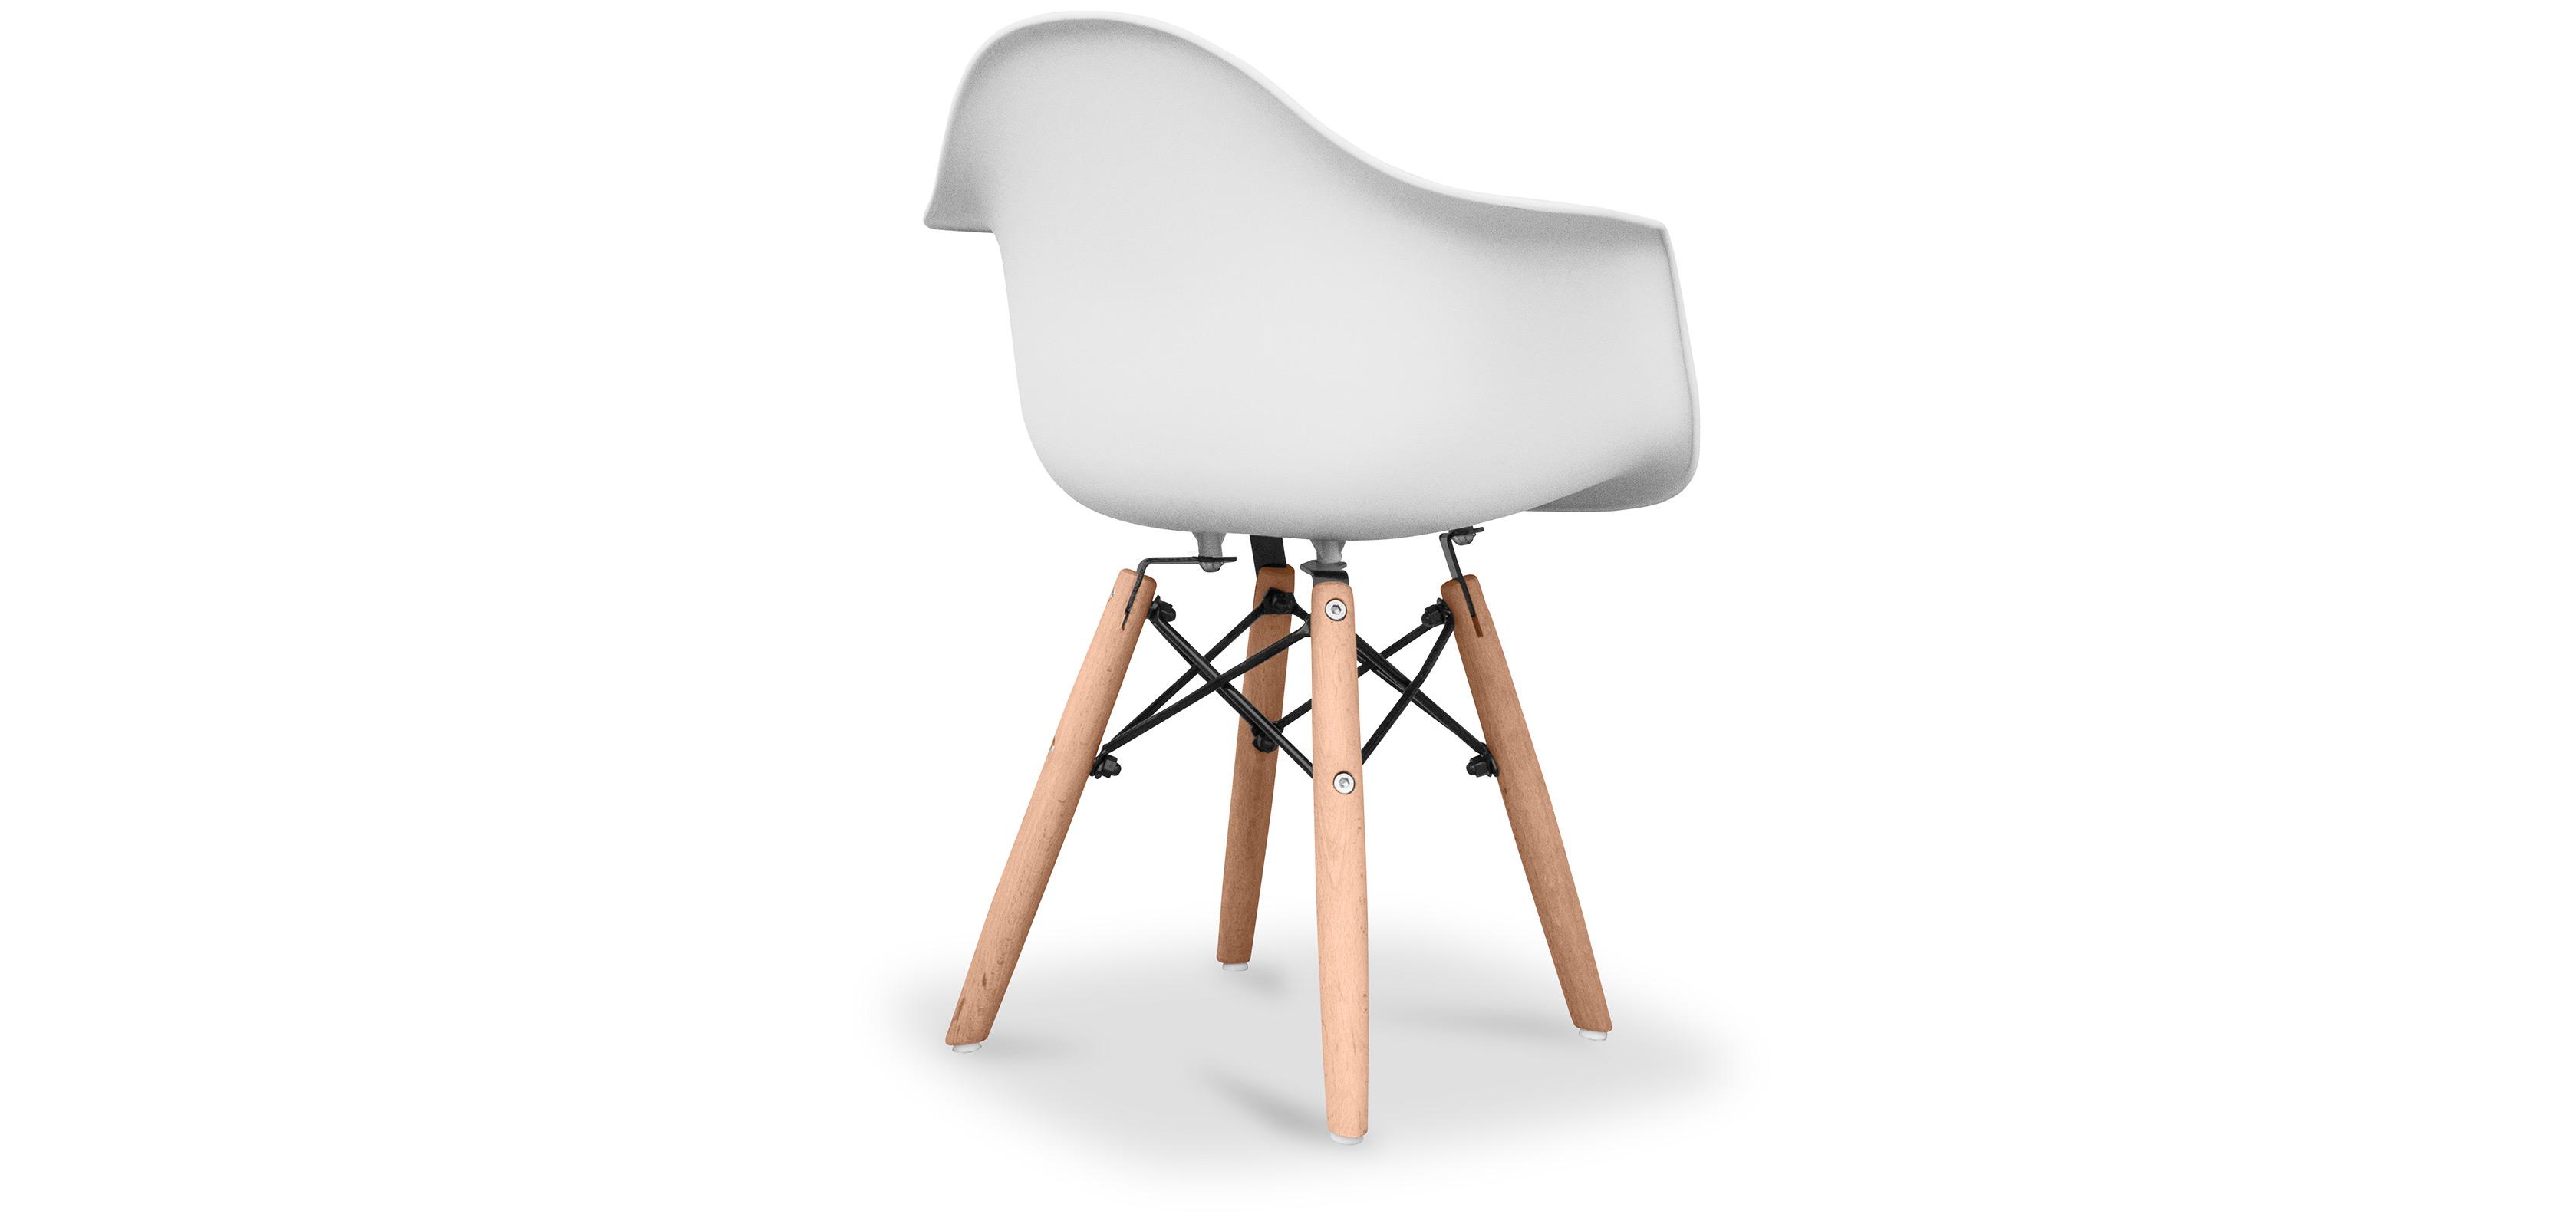 kinder daw stuhl charles eames style. Black Bedroom Furniture Sets. Home Design Ideas